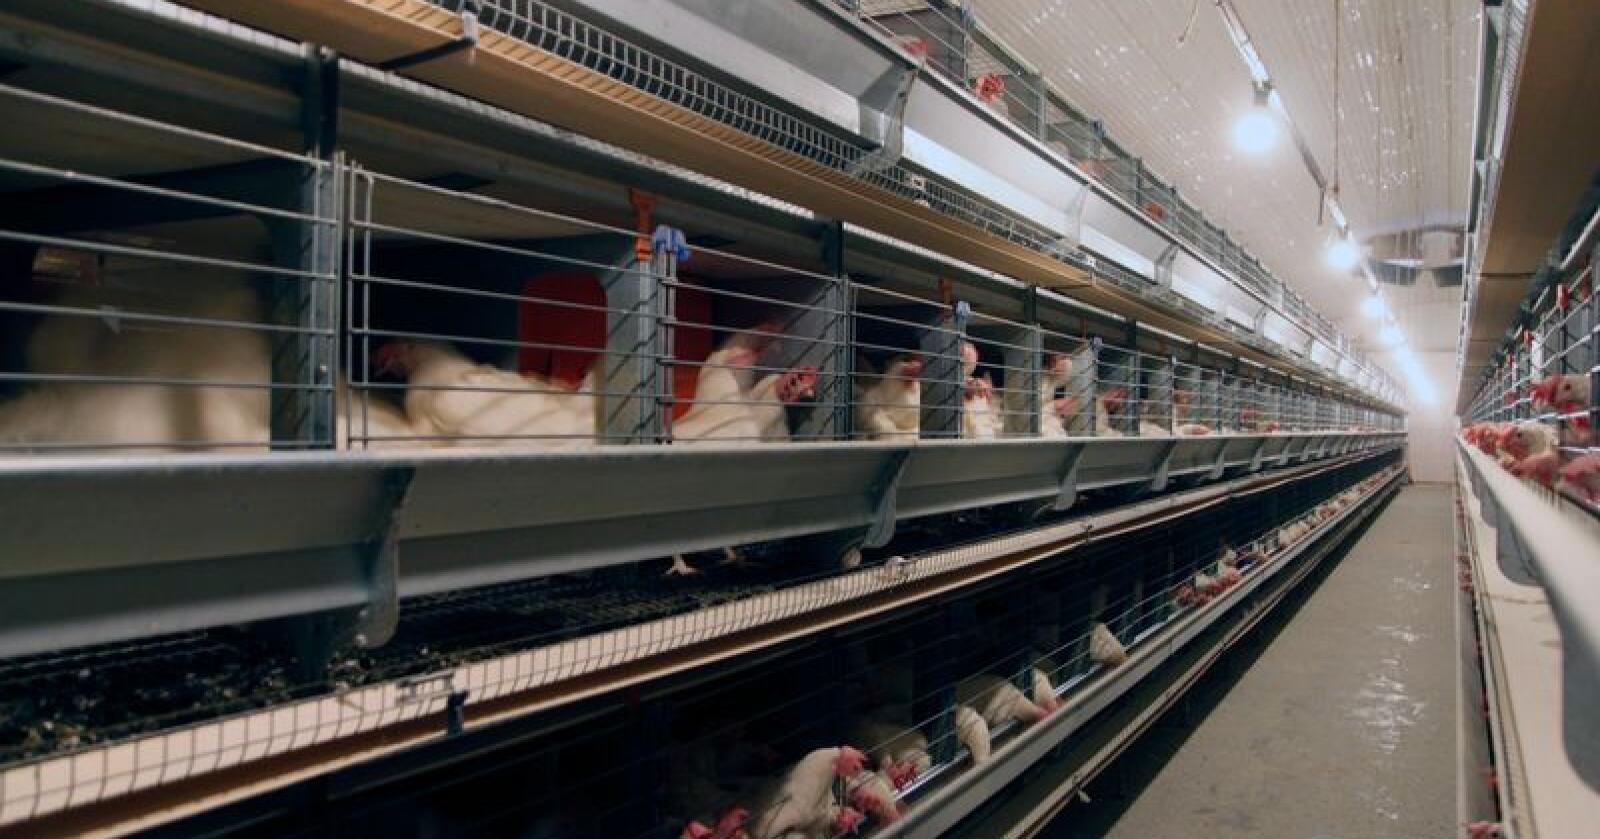 Industri og storhusholdning, som tidligere har vært mer sikre mottakere av egg fra miljøbur, er nå på frittgående tanker. Illustrasjonsfoto: Øystein Heggdal